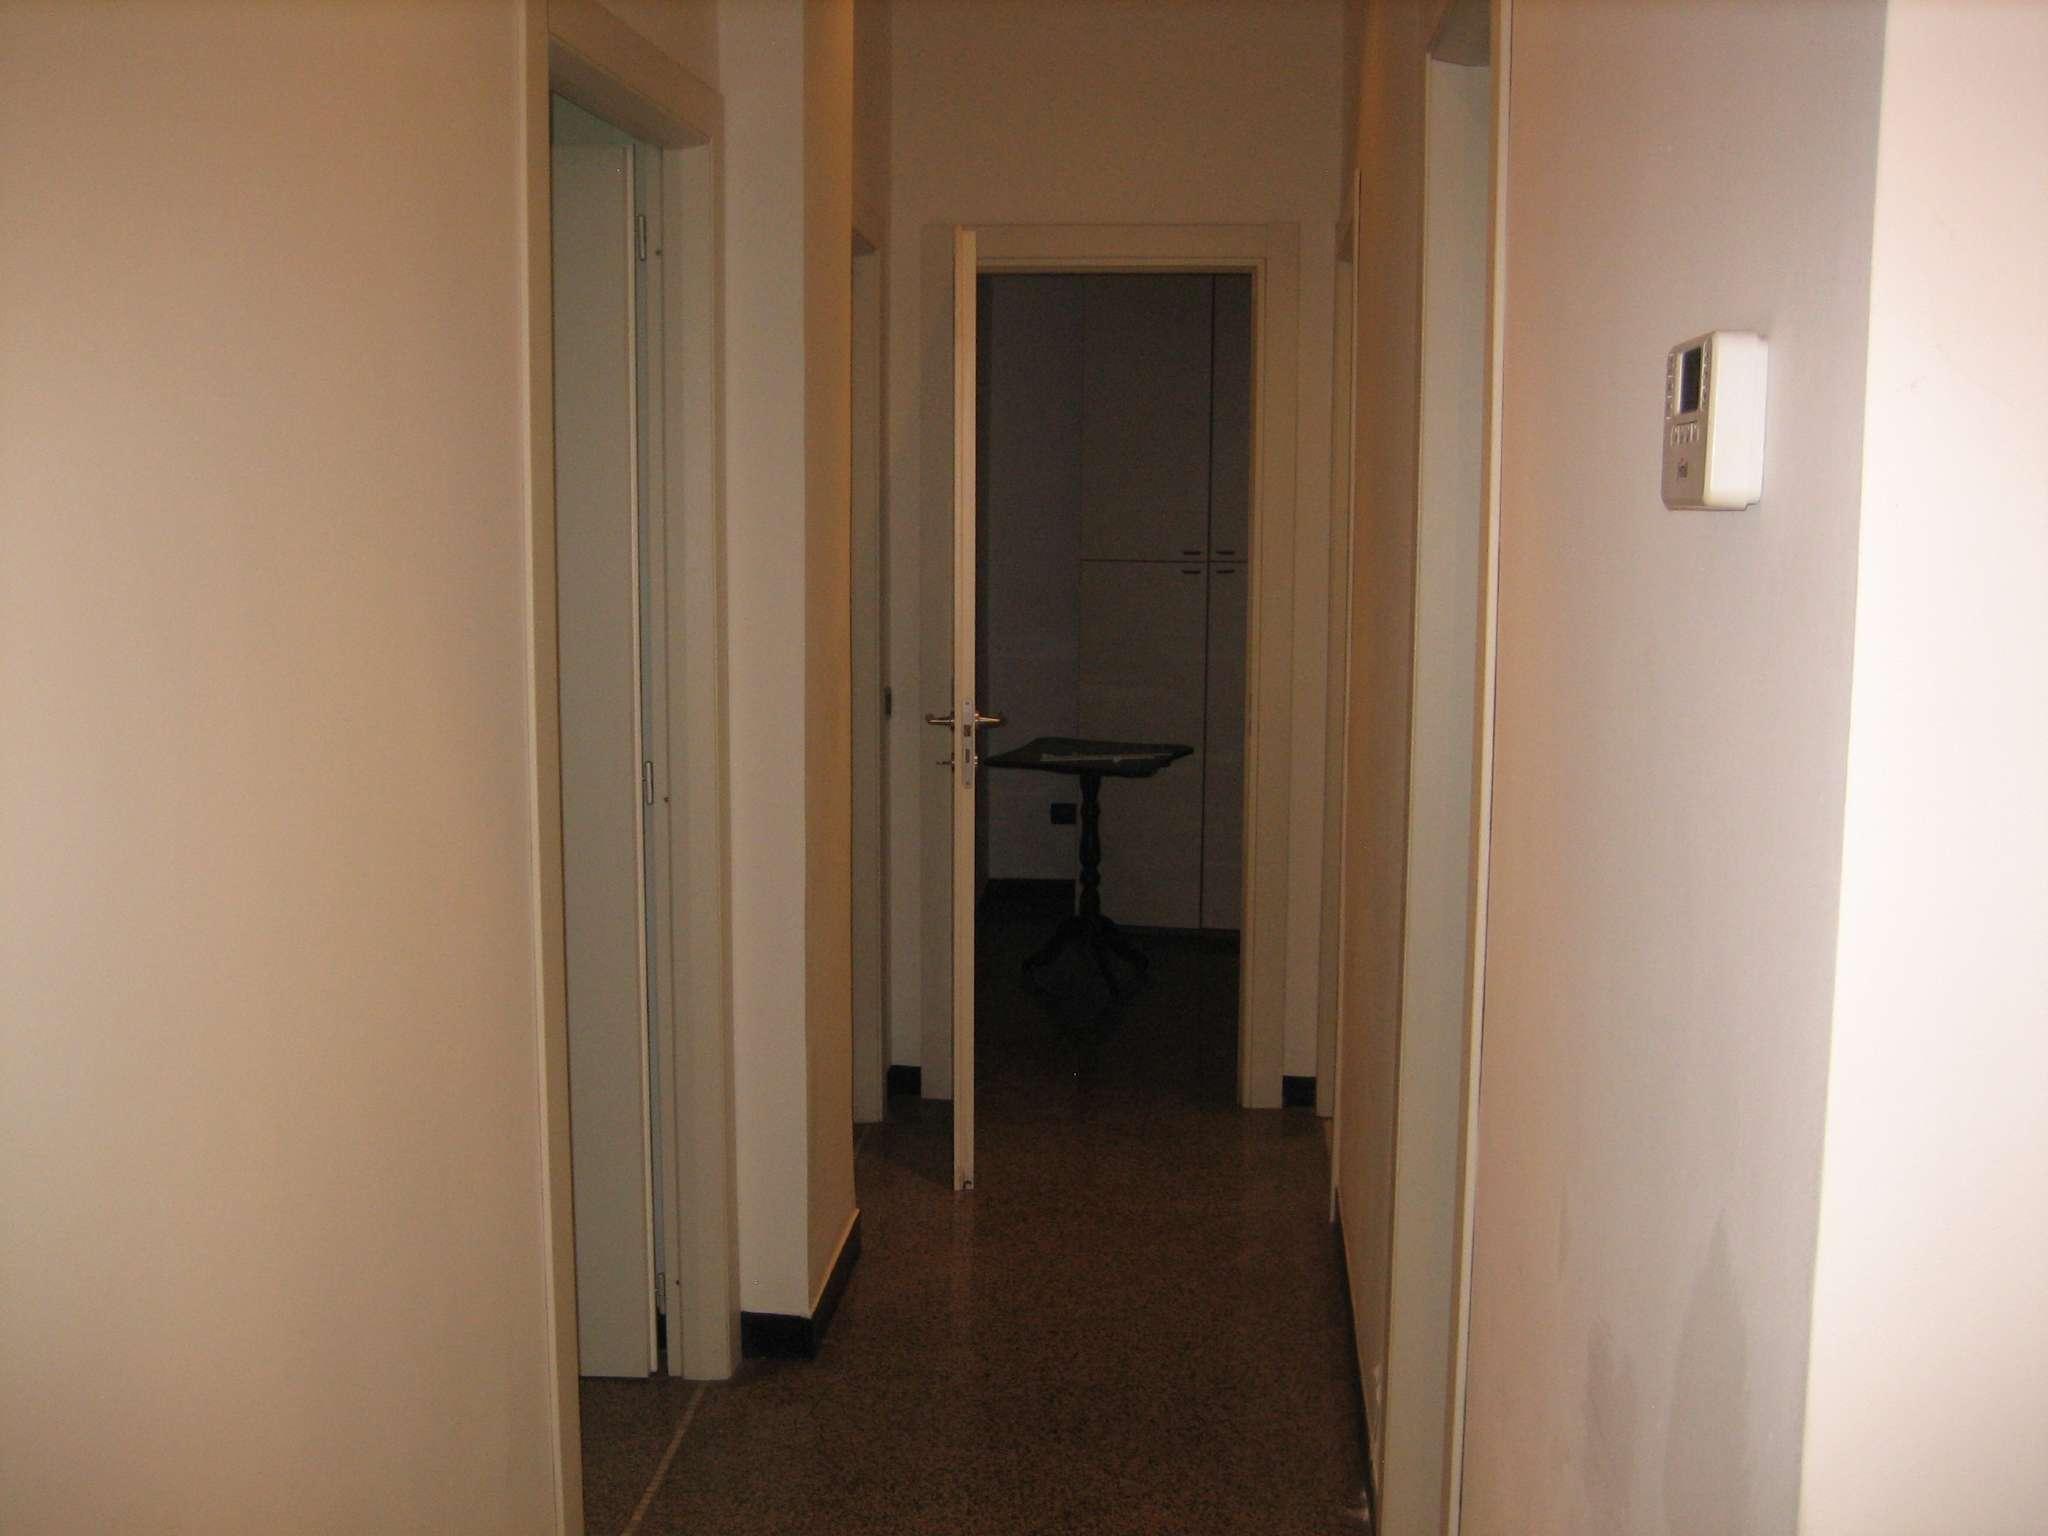 Appartamento in affitto a Genova, 5 locali, zona Zona: 4 . S.Fruttuoso-Borgoratti-S.Martino, prezzo € 1.000 | CambioCasa.it